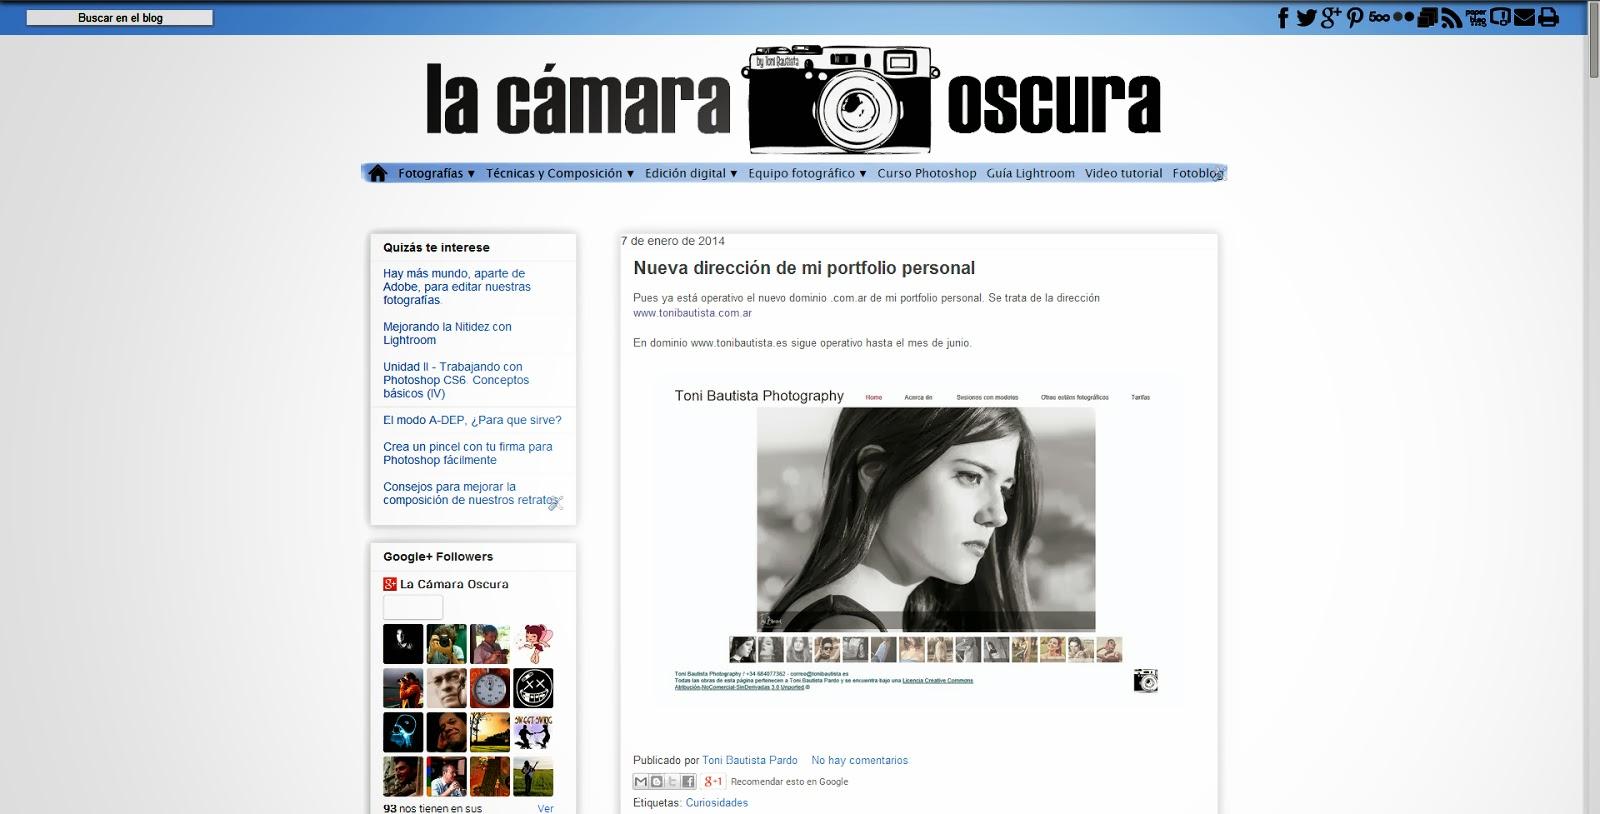 La Cámara Oscura - Tu blog de fotografía digital